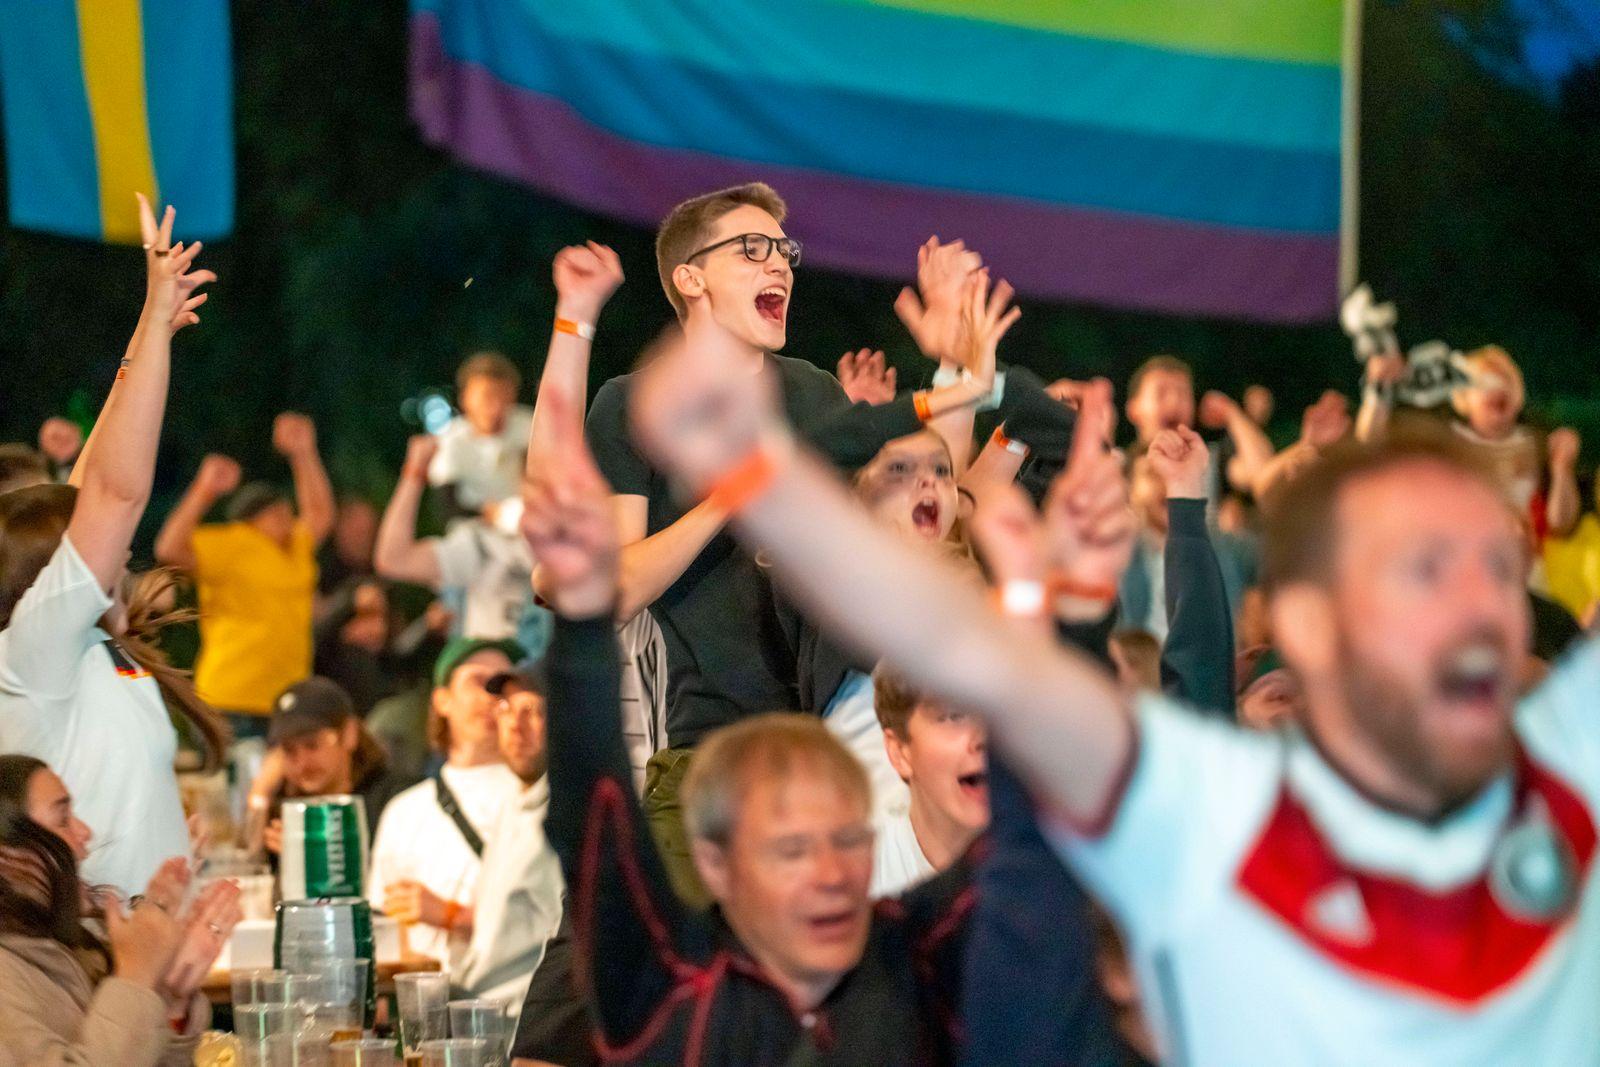 Public Viewing des EM-Vorrunden Spiels Deutschland gegen Ungarn, im Grugapark in Essen, knapp 900 Zuschauer durften, Cor